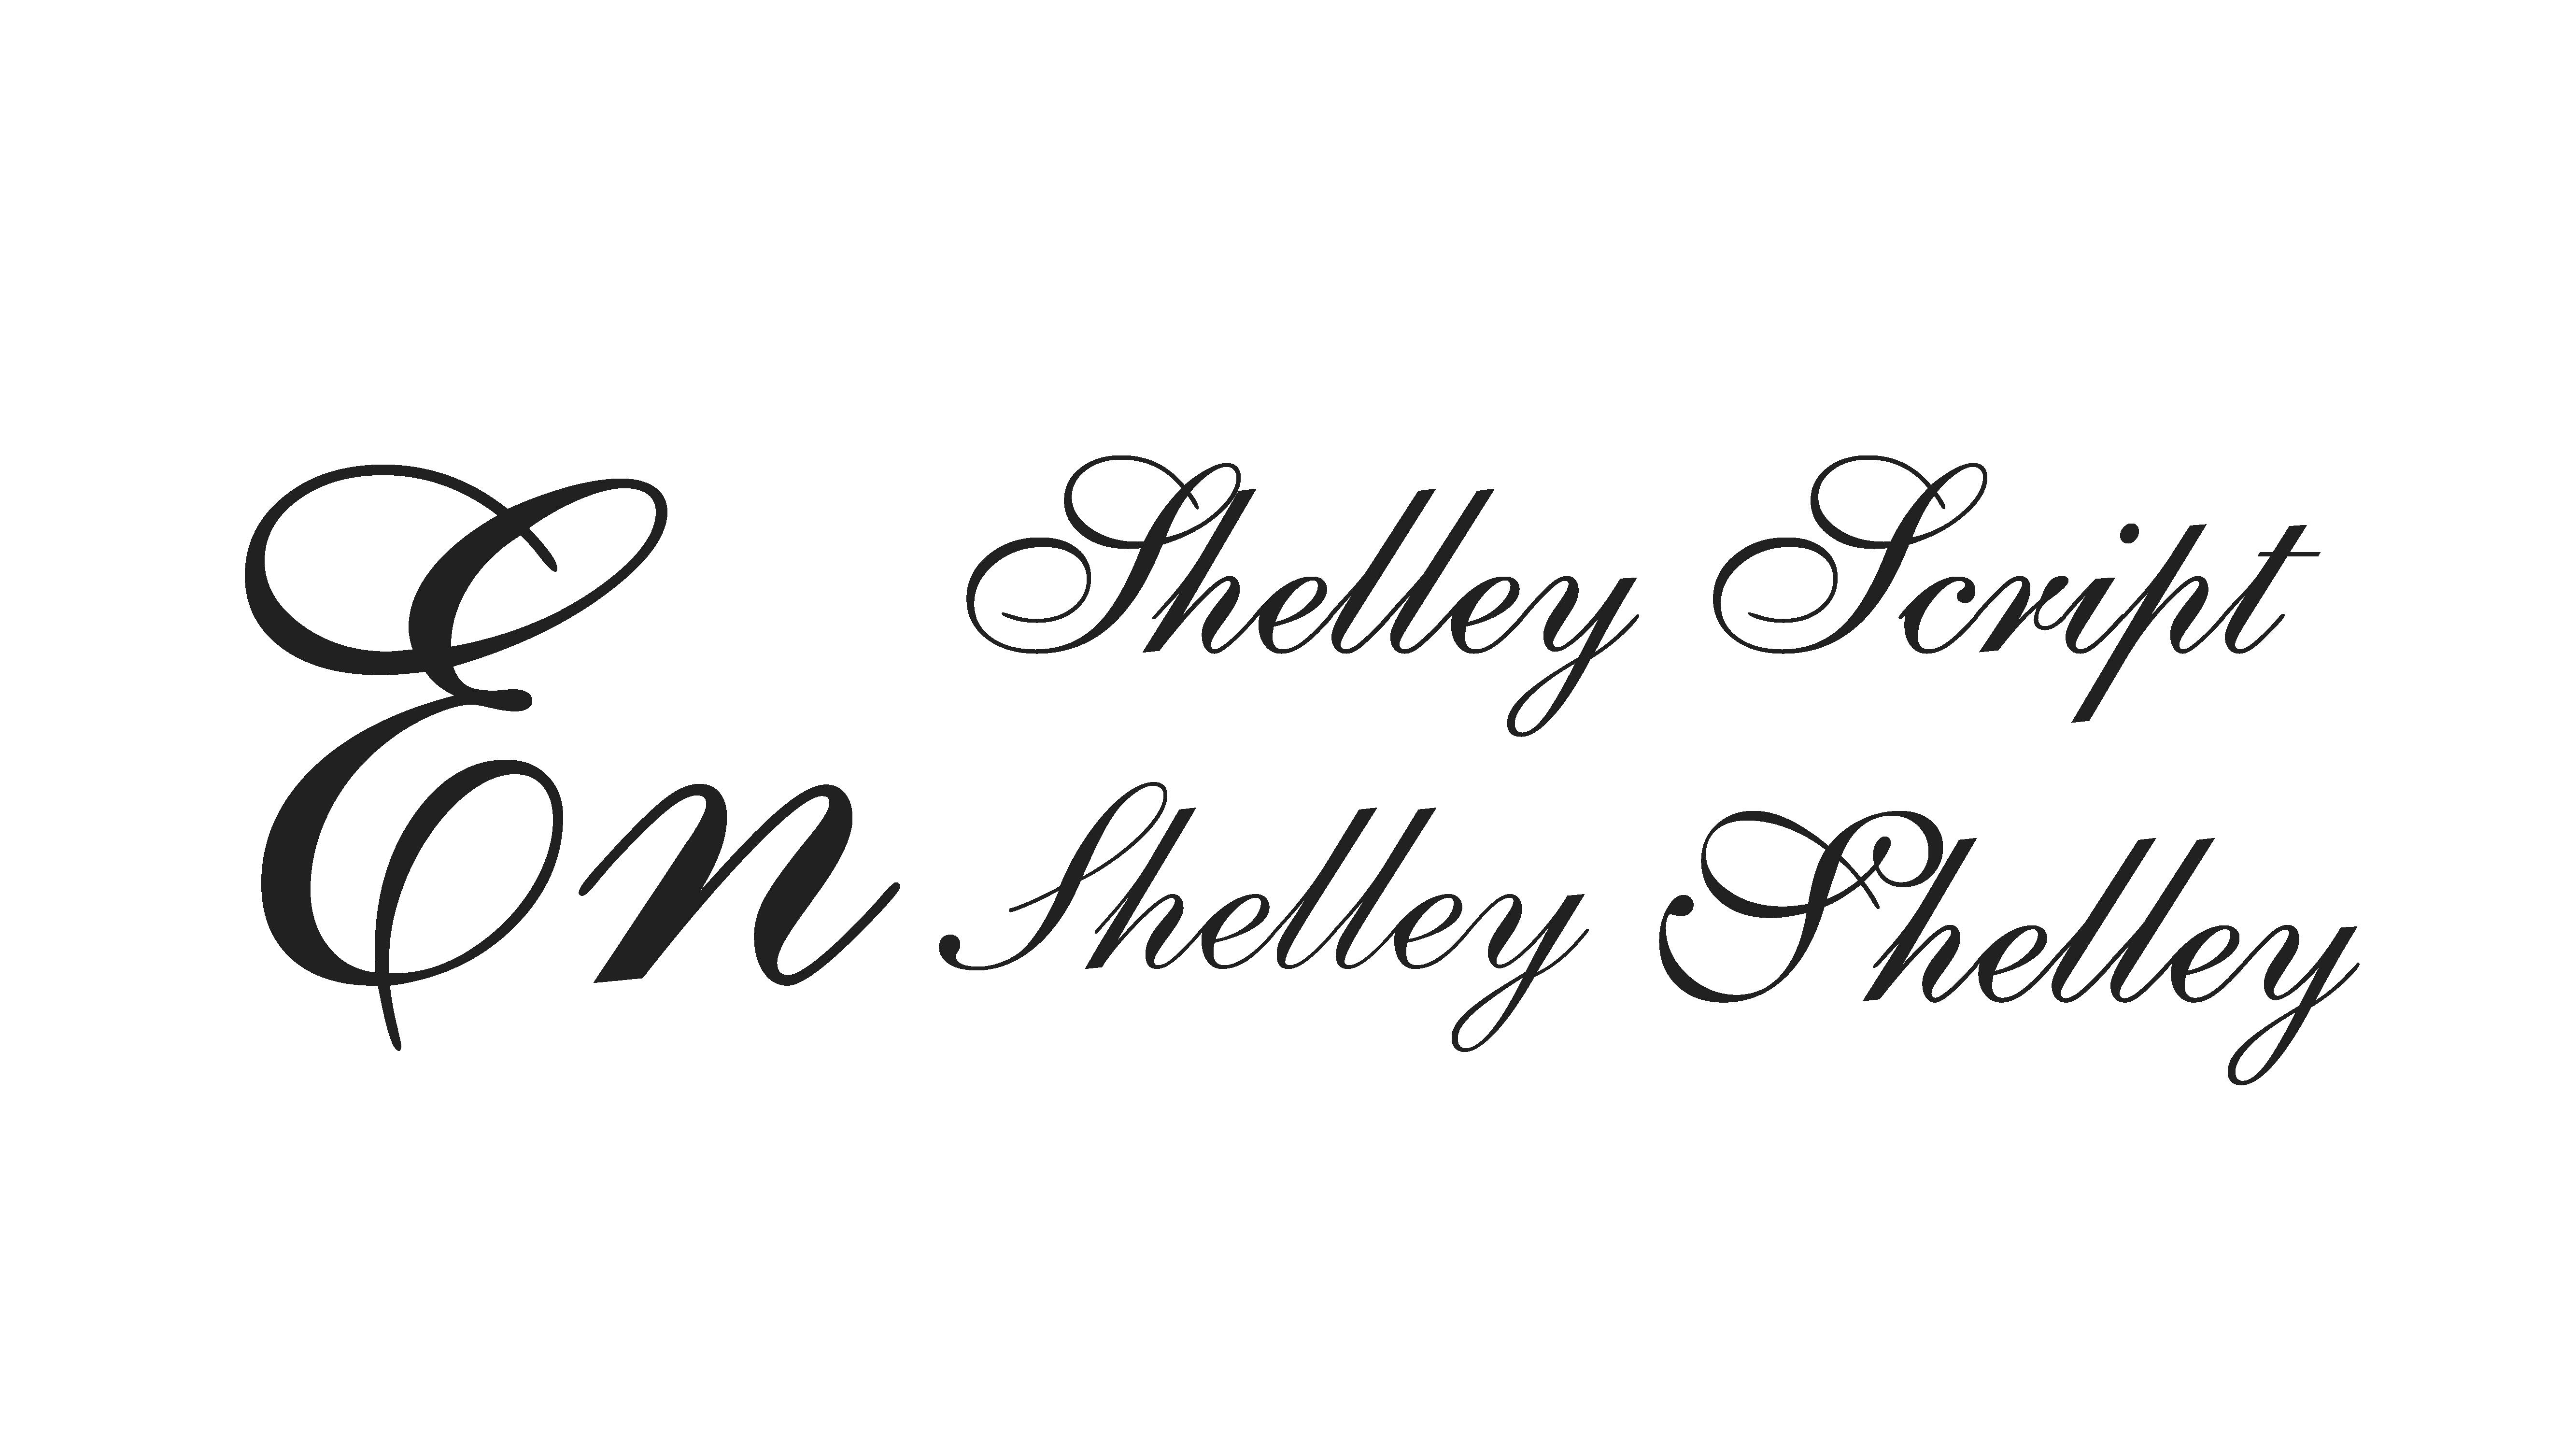 Shelley Script